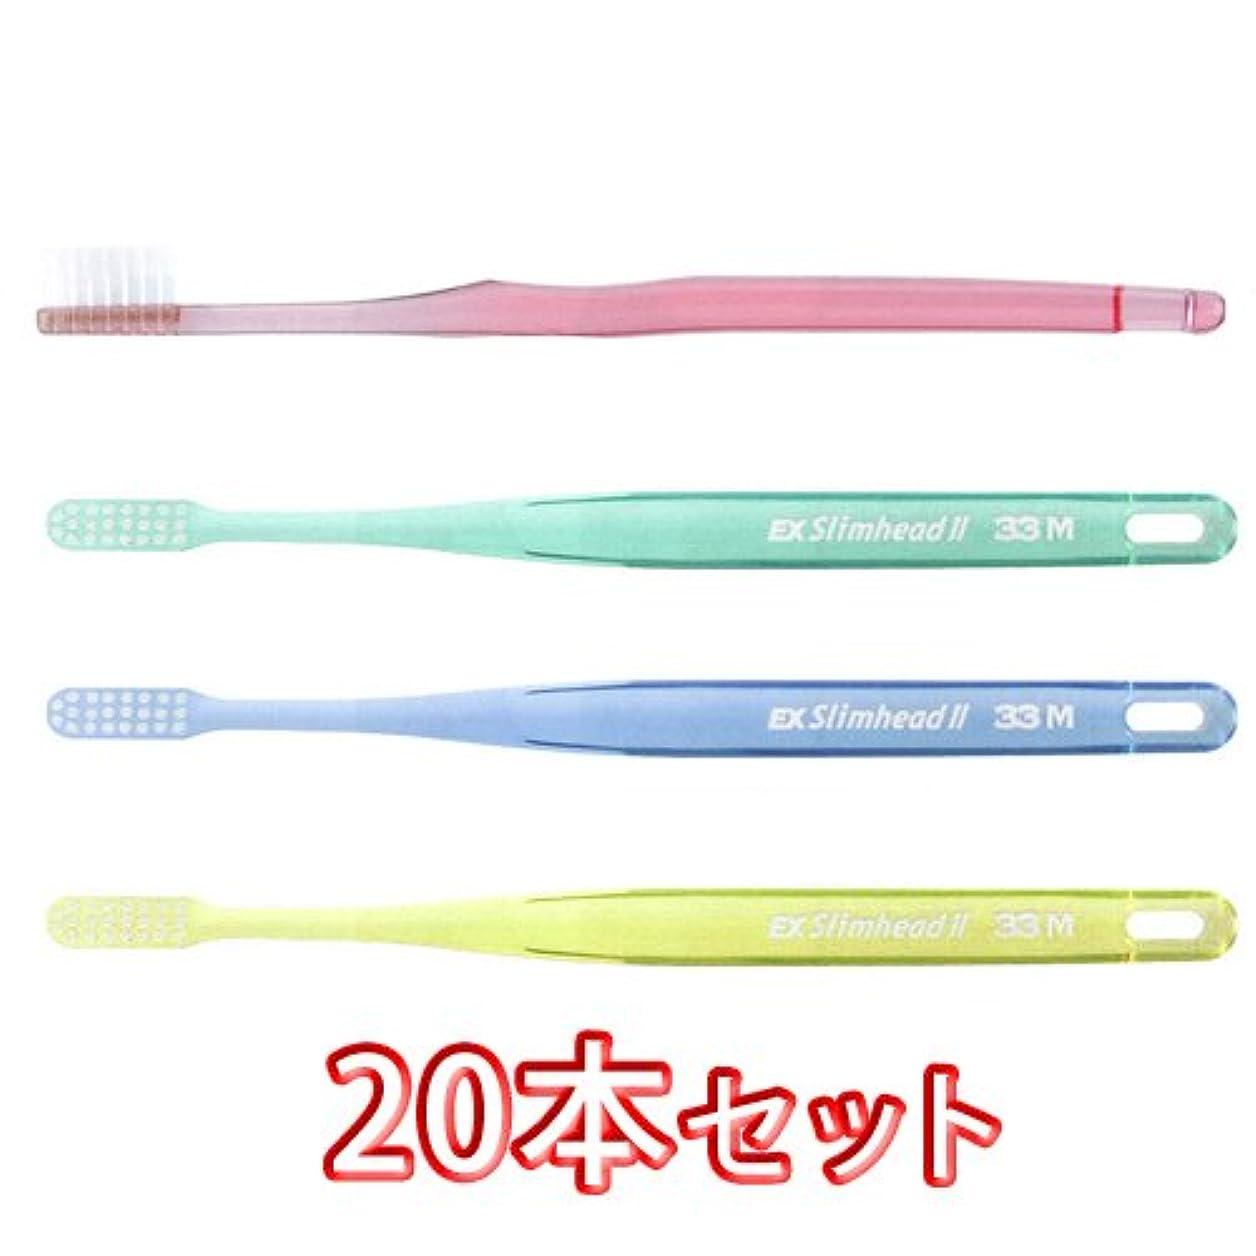 信じられない罰広告するライオン スリムヘッド2 歯ブラシ DENT . EX Slimhead2 20本入 (33M)